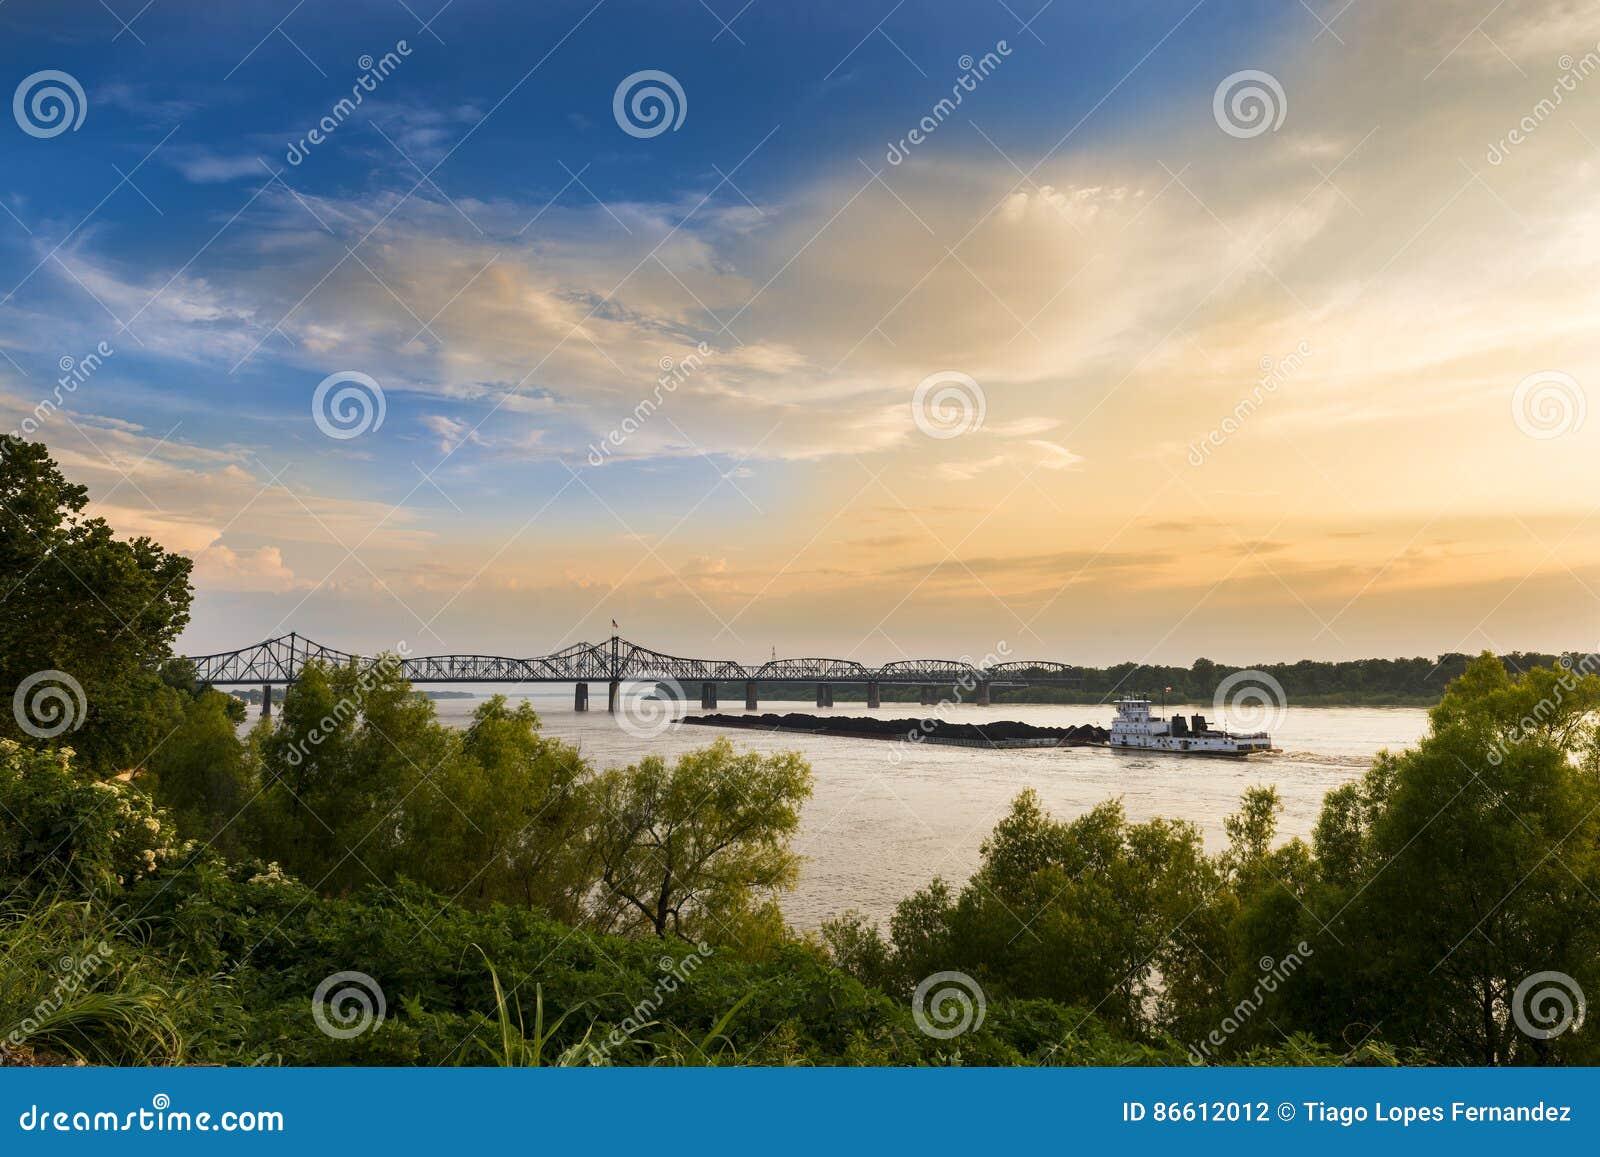 Boat in the Mississippi River near the Vicksburg Bridge in Vicksburg, Mississipp